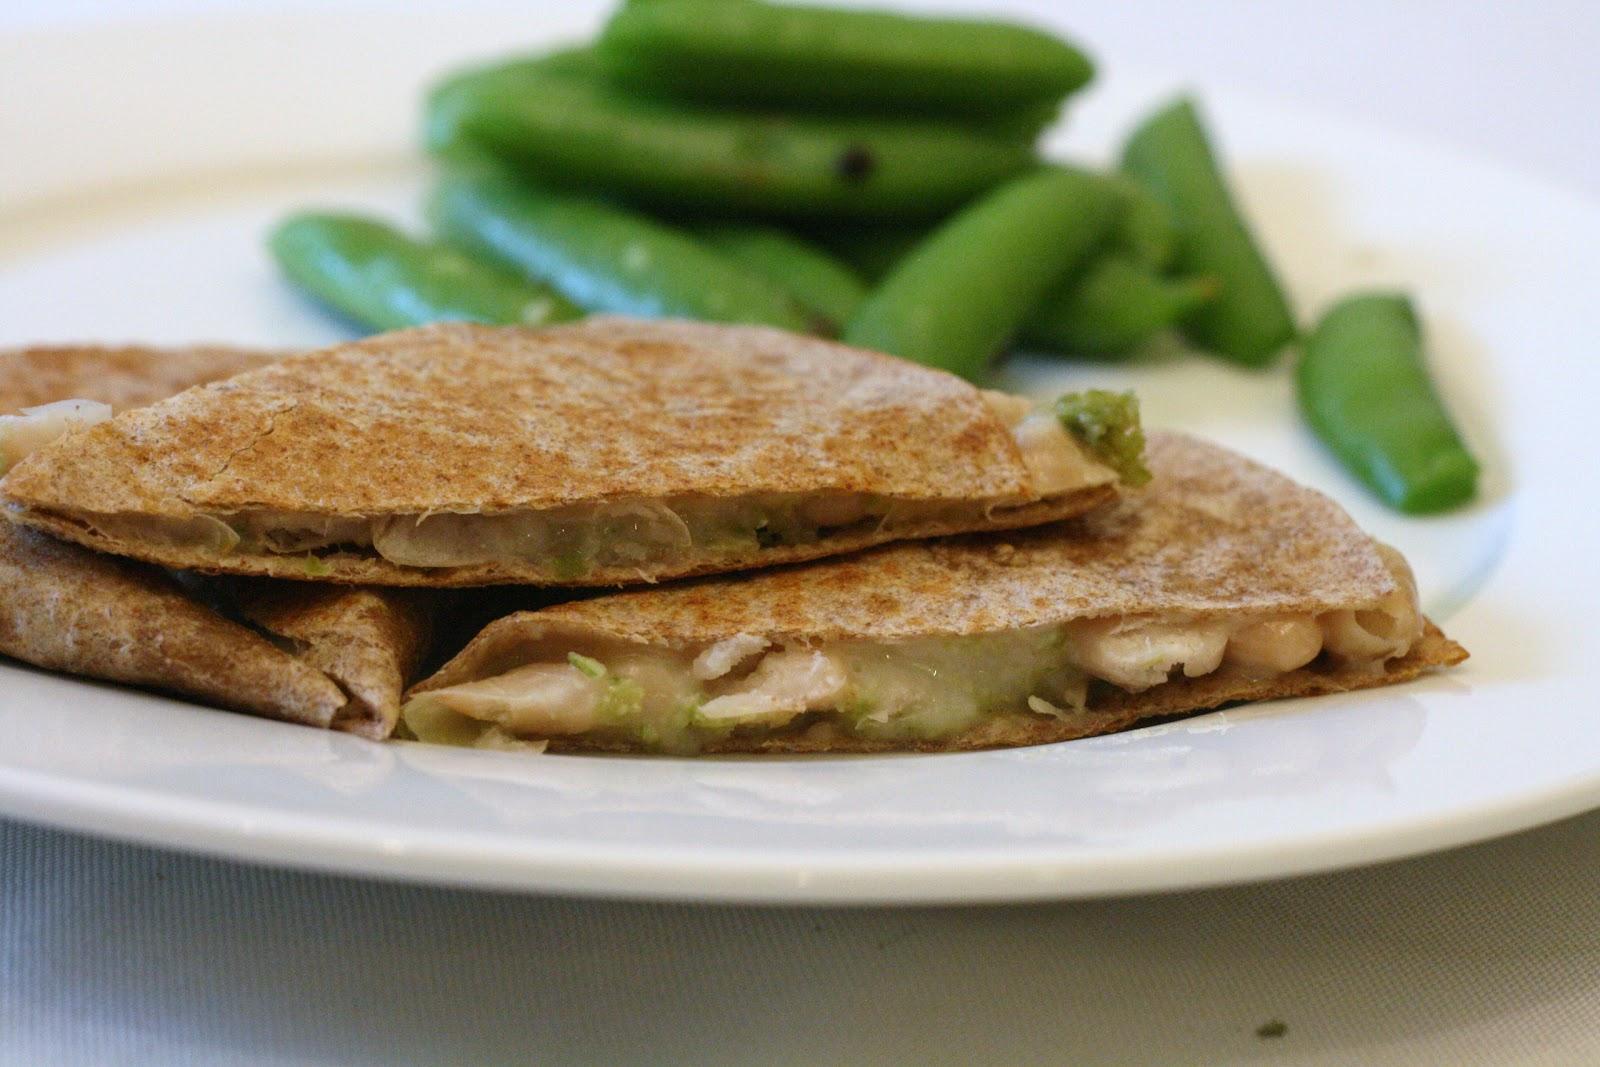 ... Recipe Box: Cannellini Bean Quesadillas with Garlic Scape Pesto